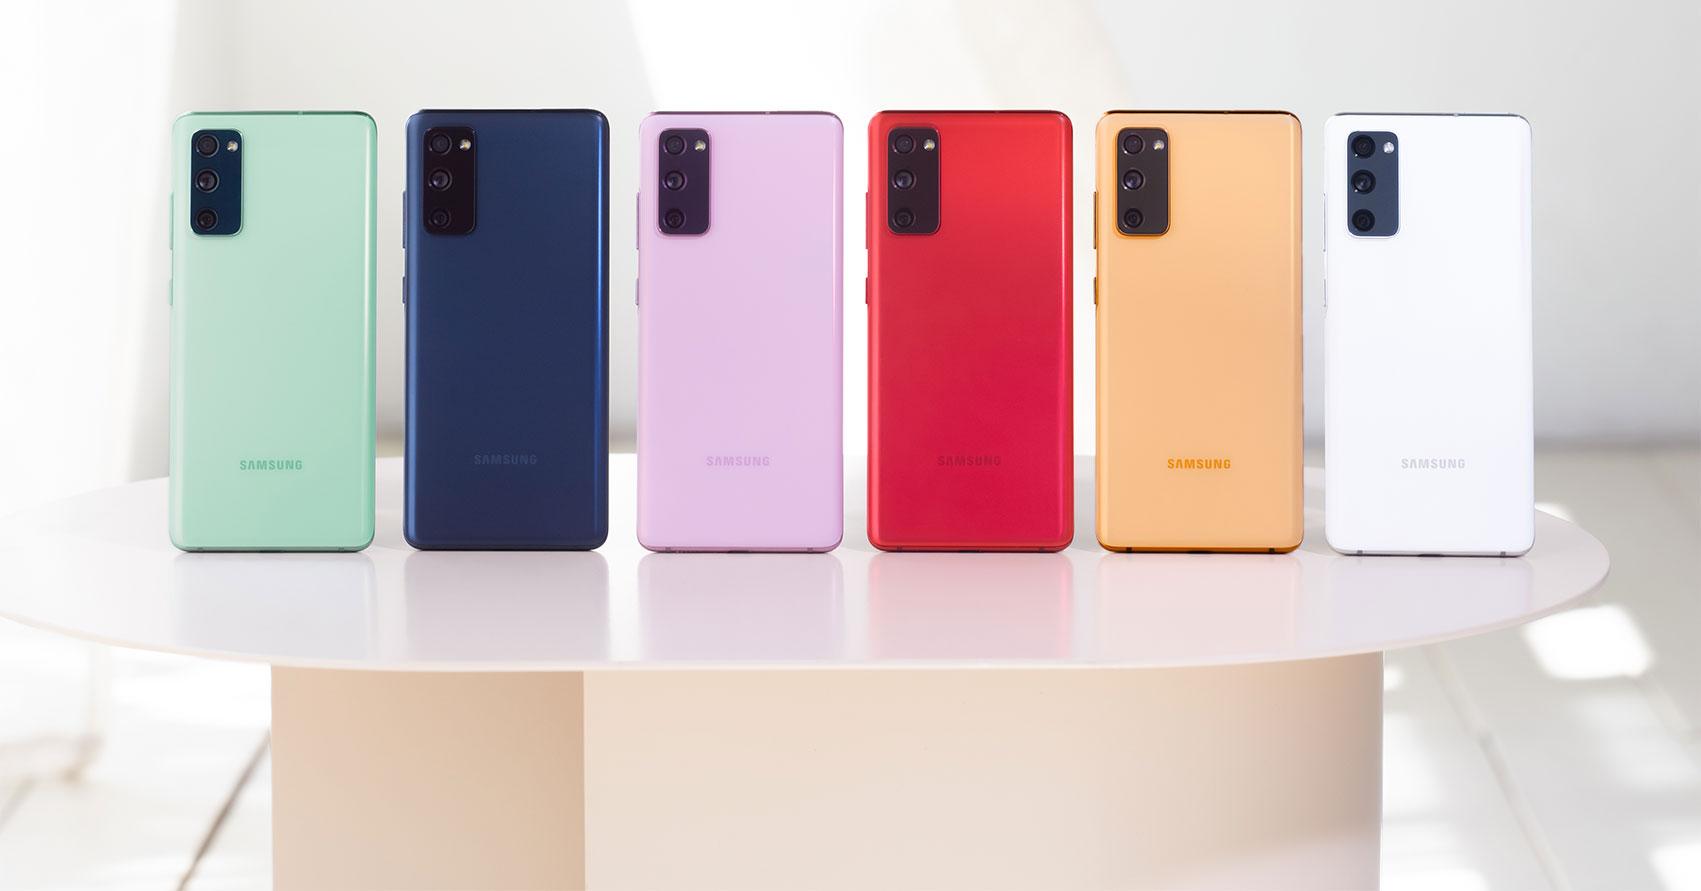 Nuovo Samsung Galaxy S20 FE a partire da 699 euro